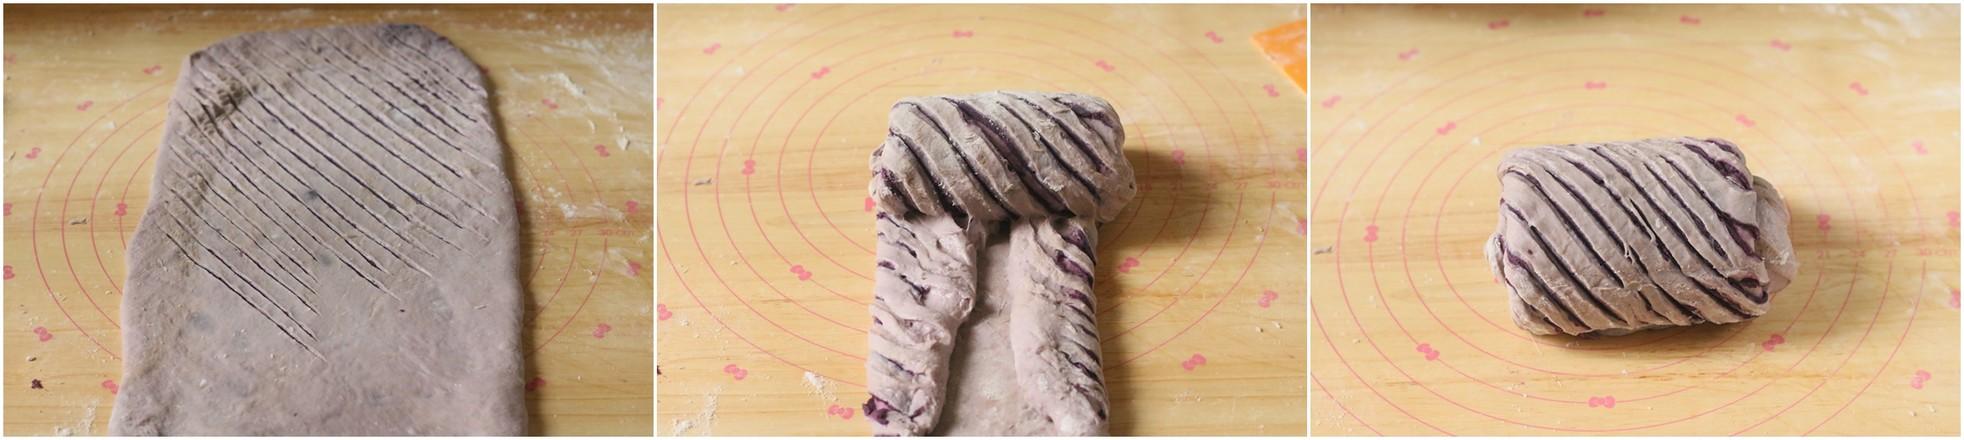 紫薯吐司怎么做